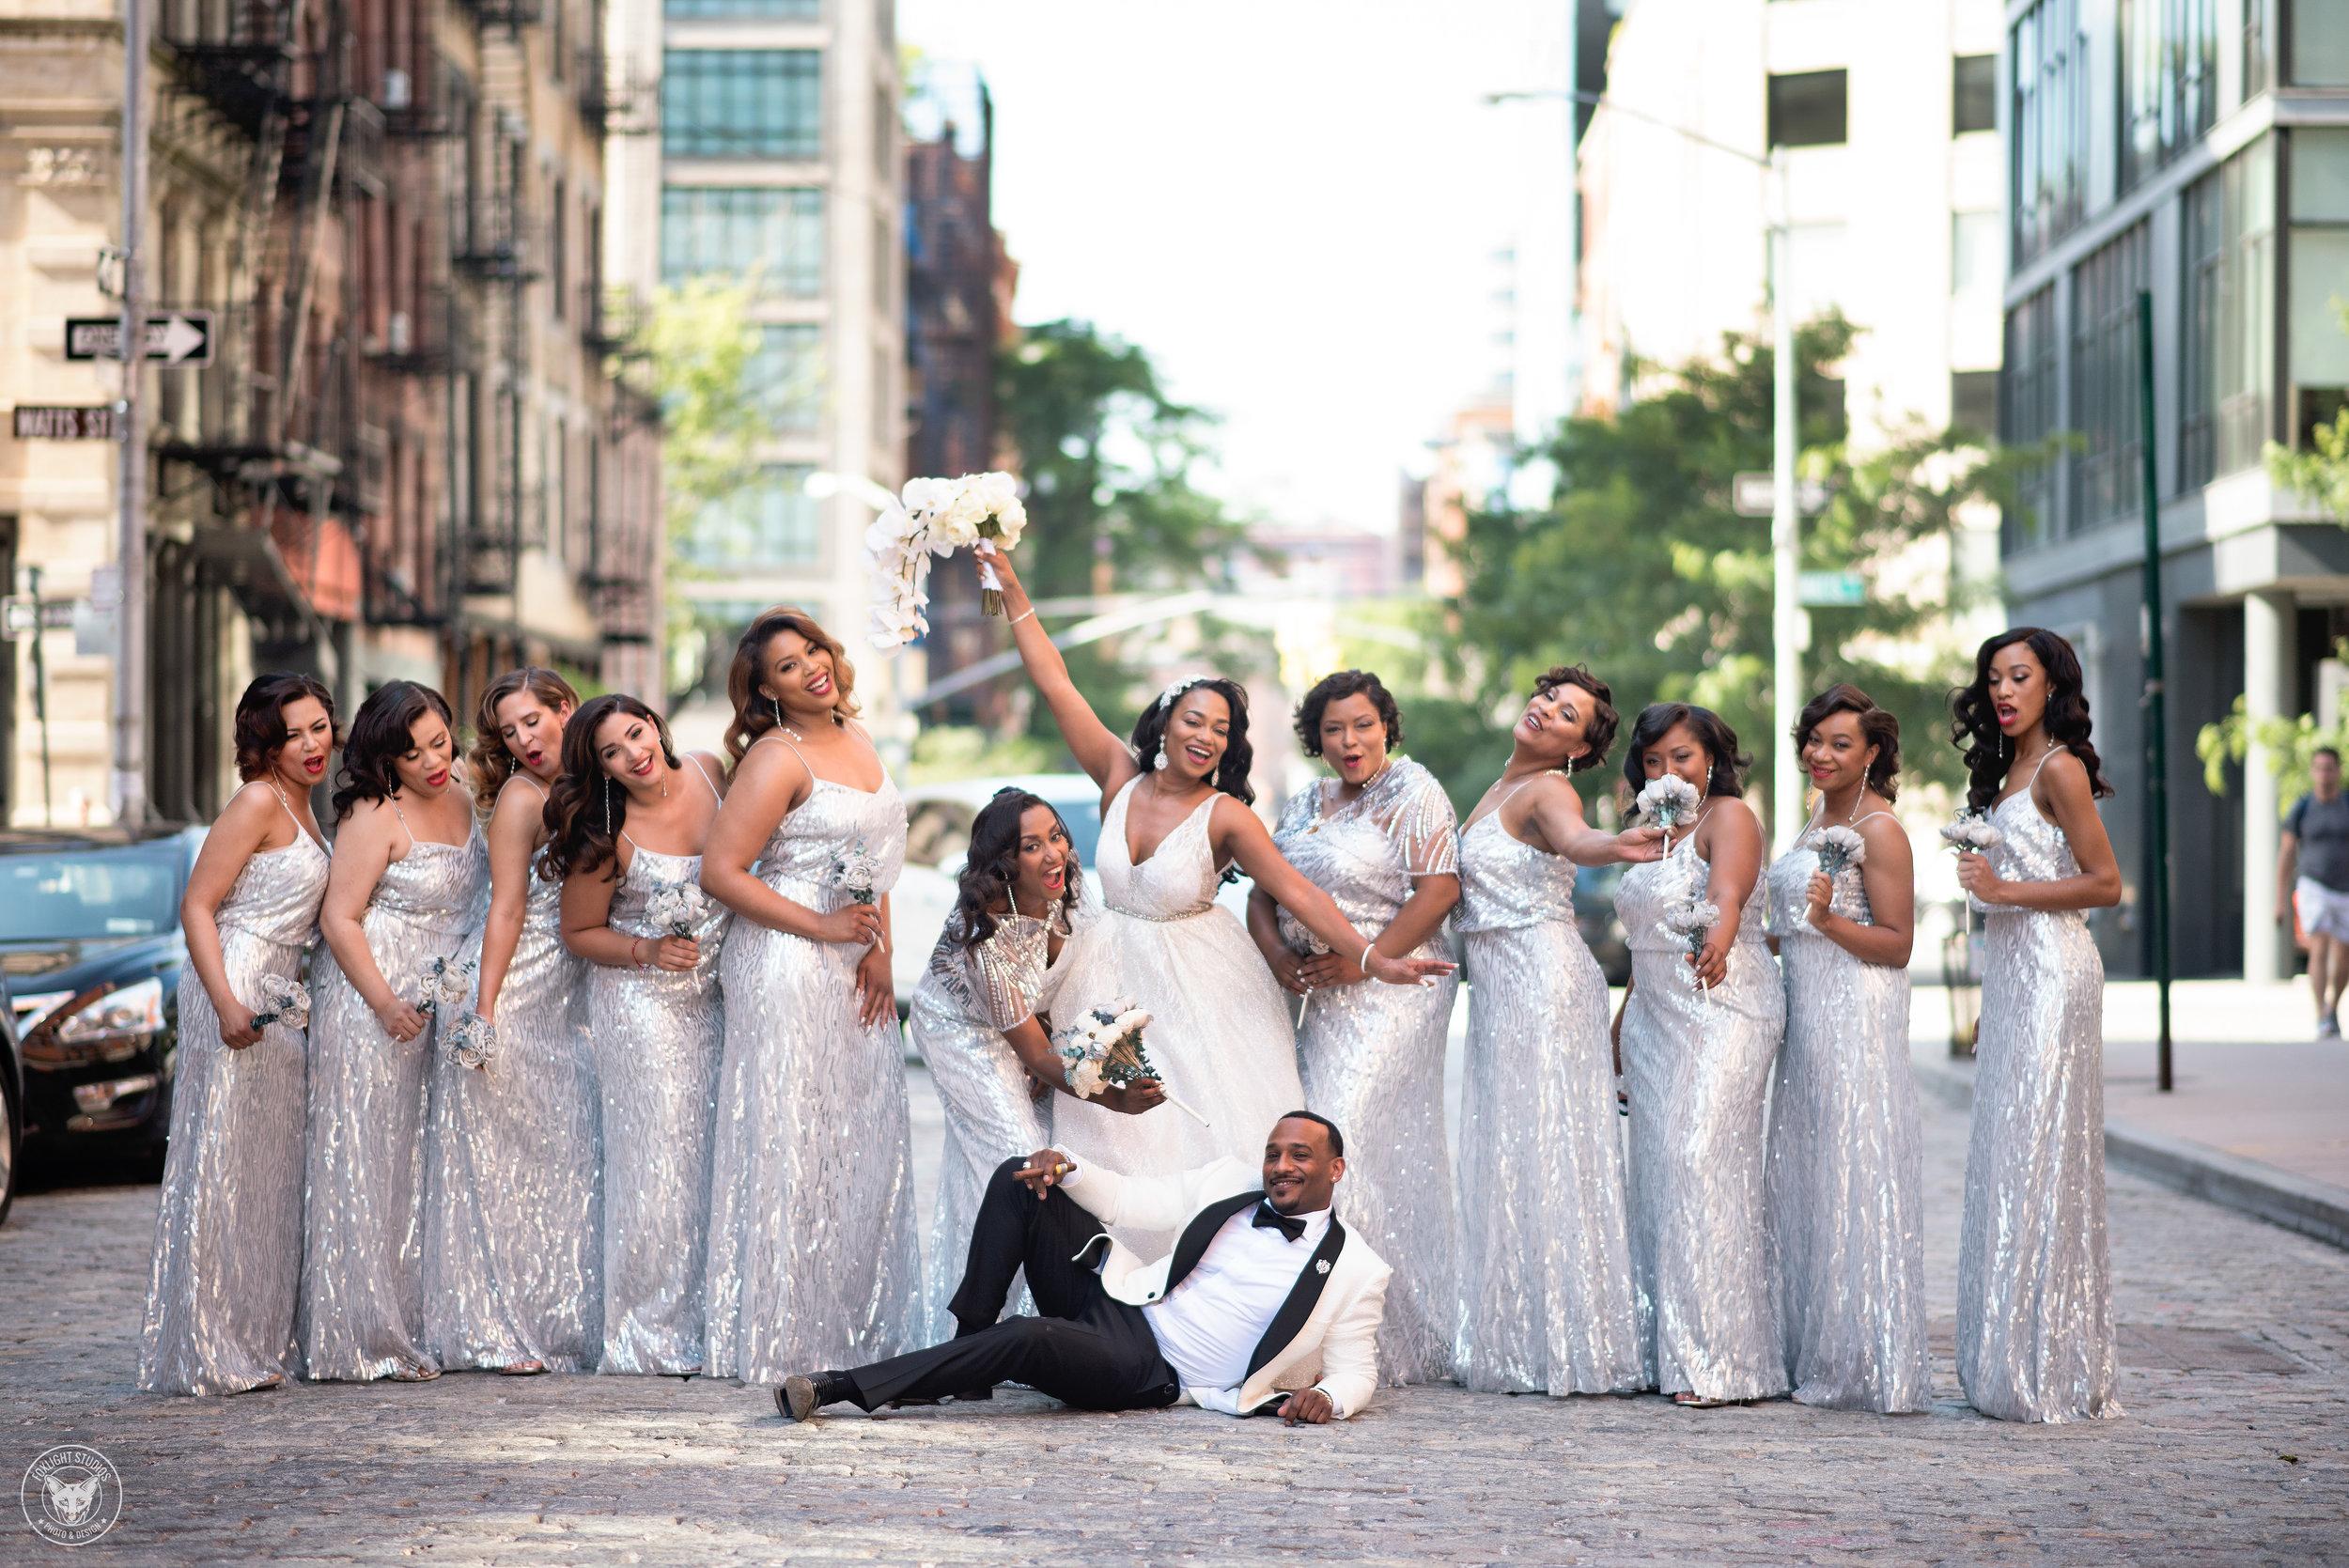 Tribeca_Rooftop_Wedding27.jpg